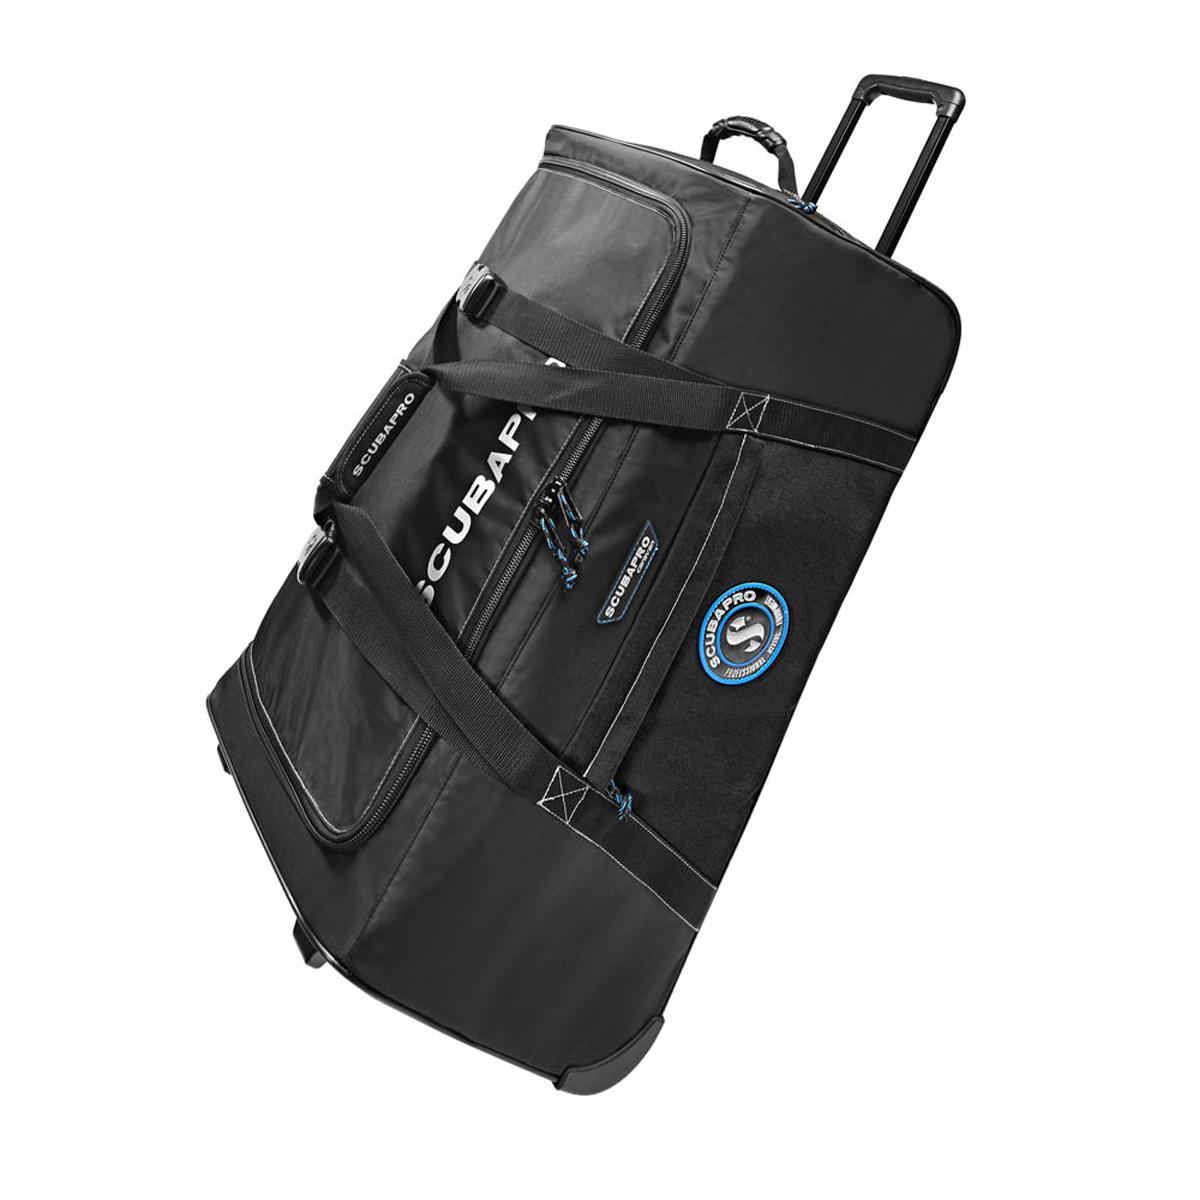 SCUBAPRO - Caravan Bag Trolley